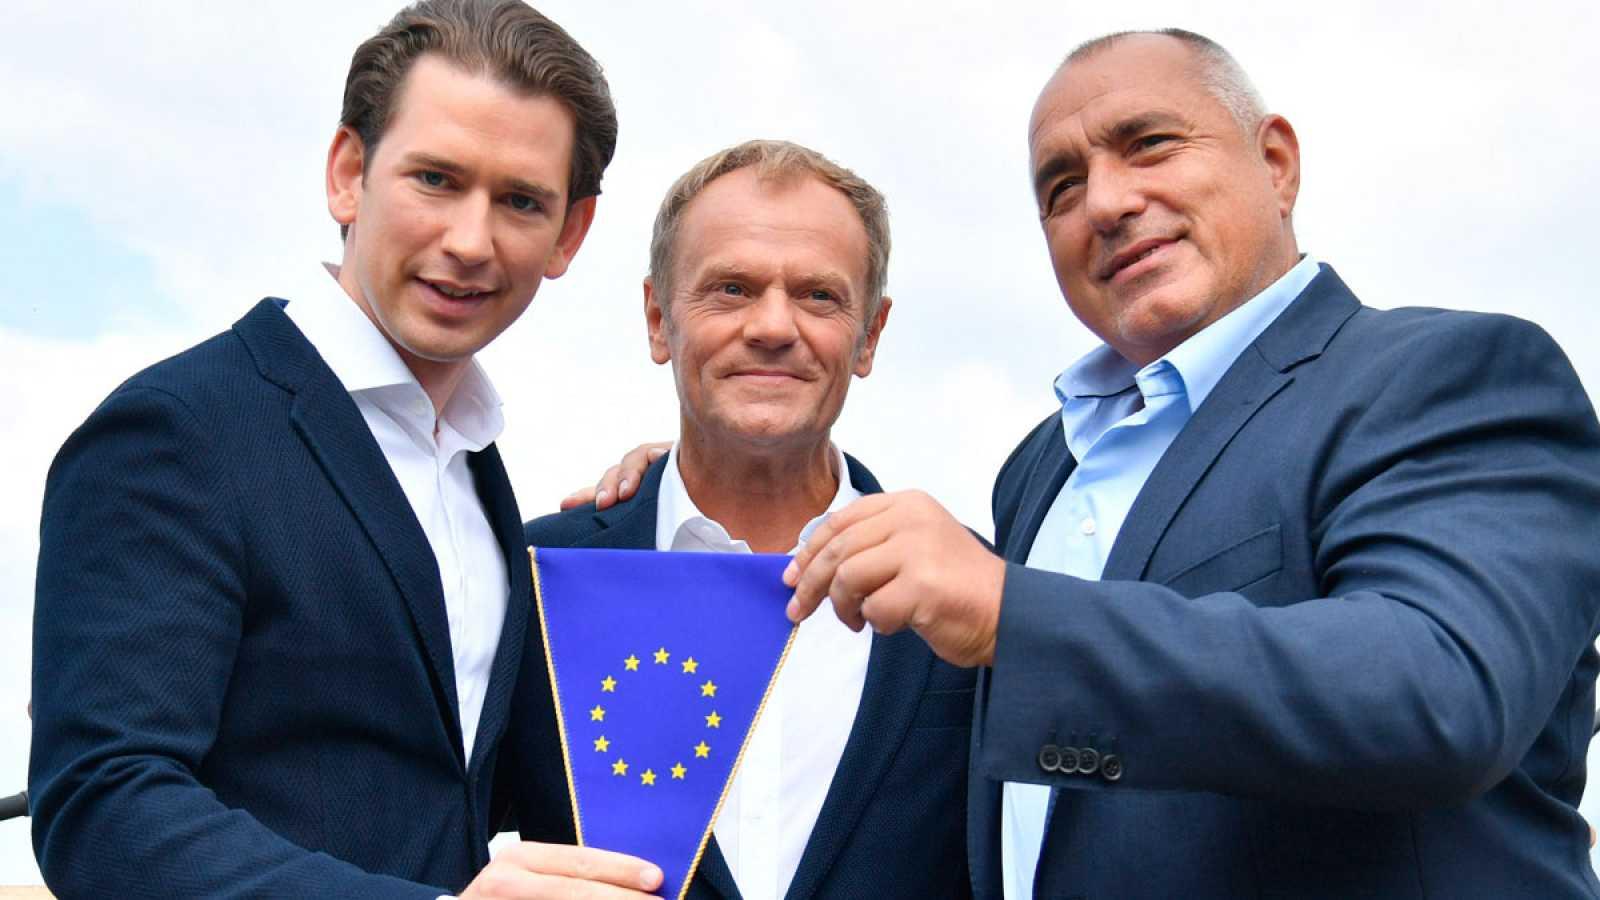 El canciller austríaco Sebastian Kurz (i), el presidente del Consejo Europeo, Donald Tusk (centro), y el primer ministro búlgaro, Boyko Borisov